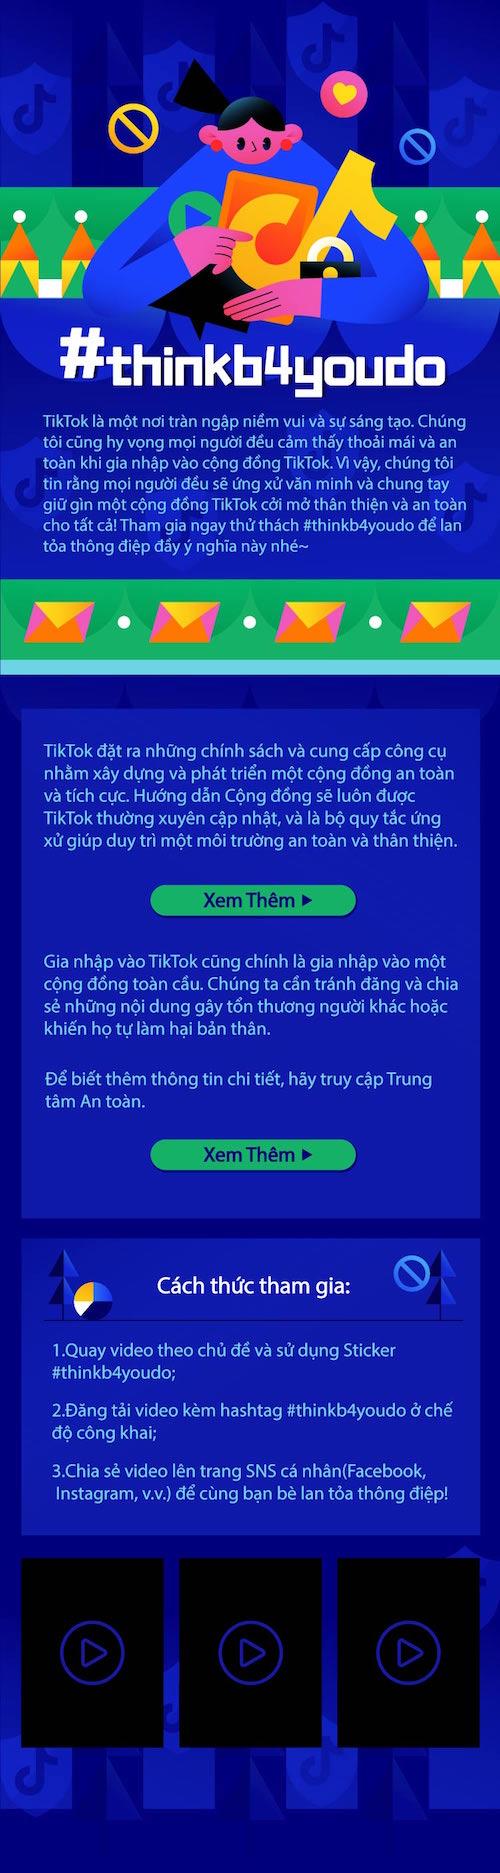 TikTok ra mắt chiến dịch #thinkb4youdo kêu gọi chung tay vì một cộng đồng mạng thân thiện và an toàn